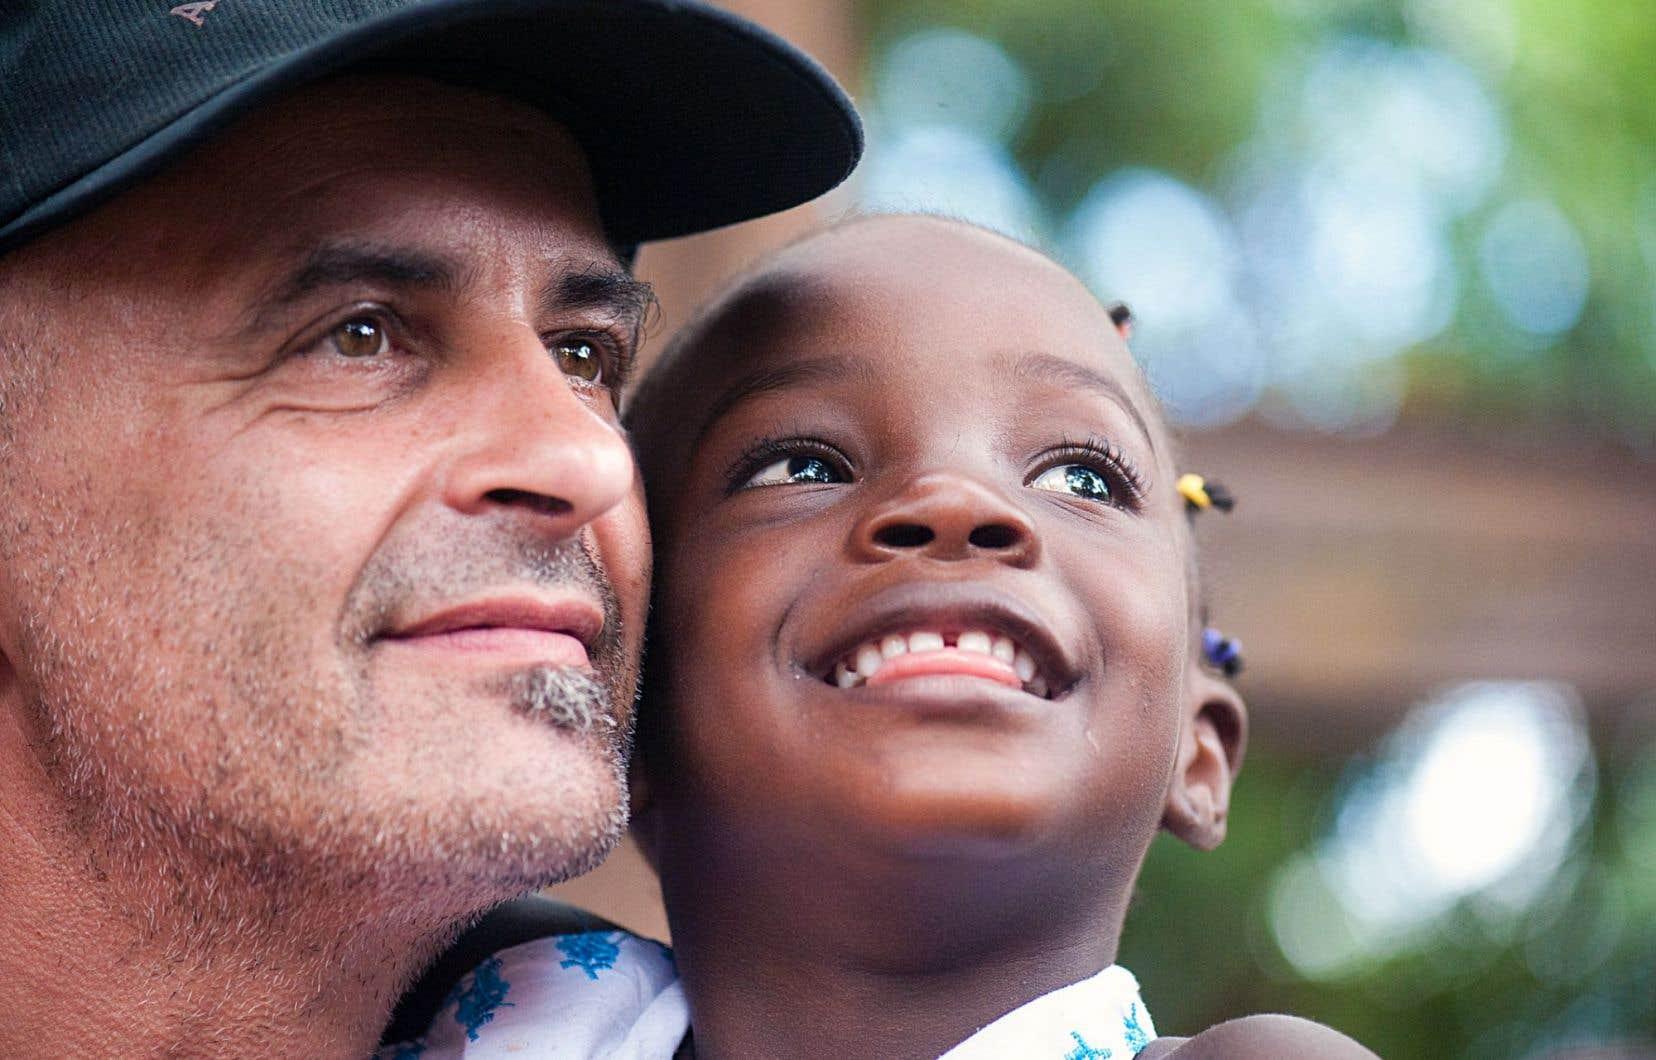 À force de règlements et de nouvelles directives, on a complètement évacué la raison d'exister de l'adoption. On rend les adoptants coupables de vouloir créer une famille avec des enfants qui n'en ont pas.